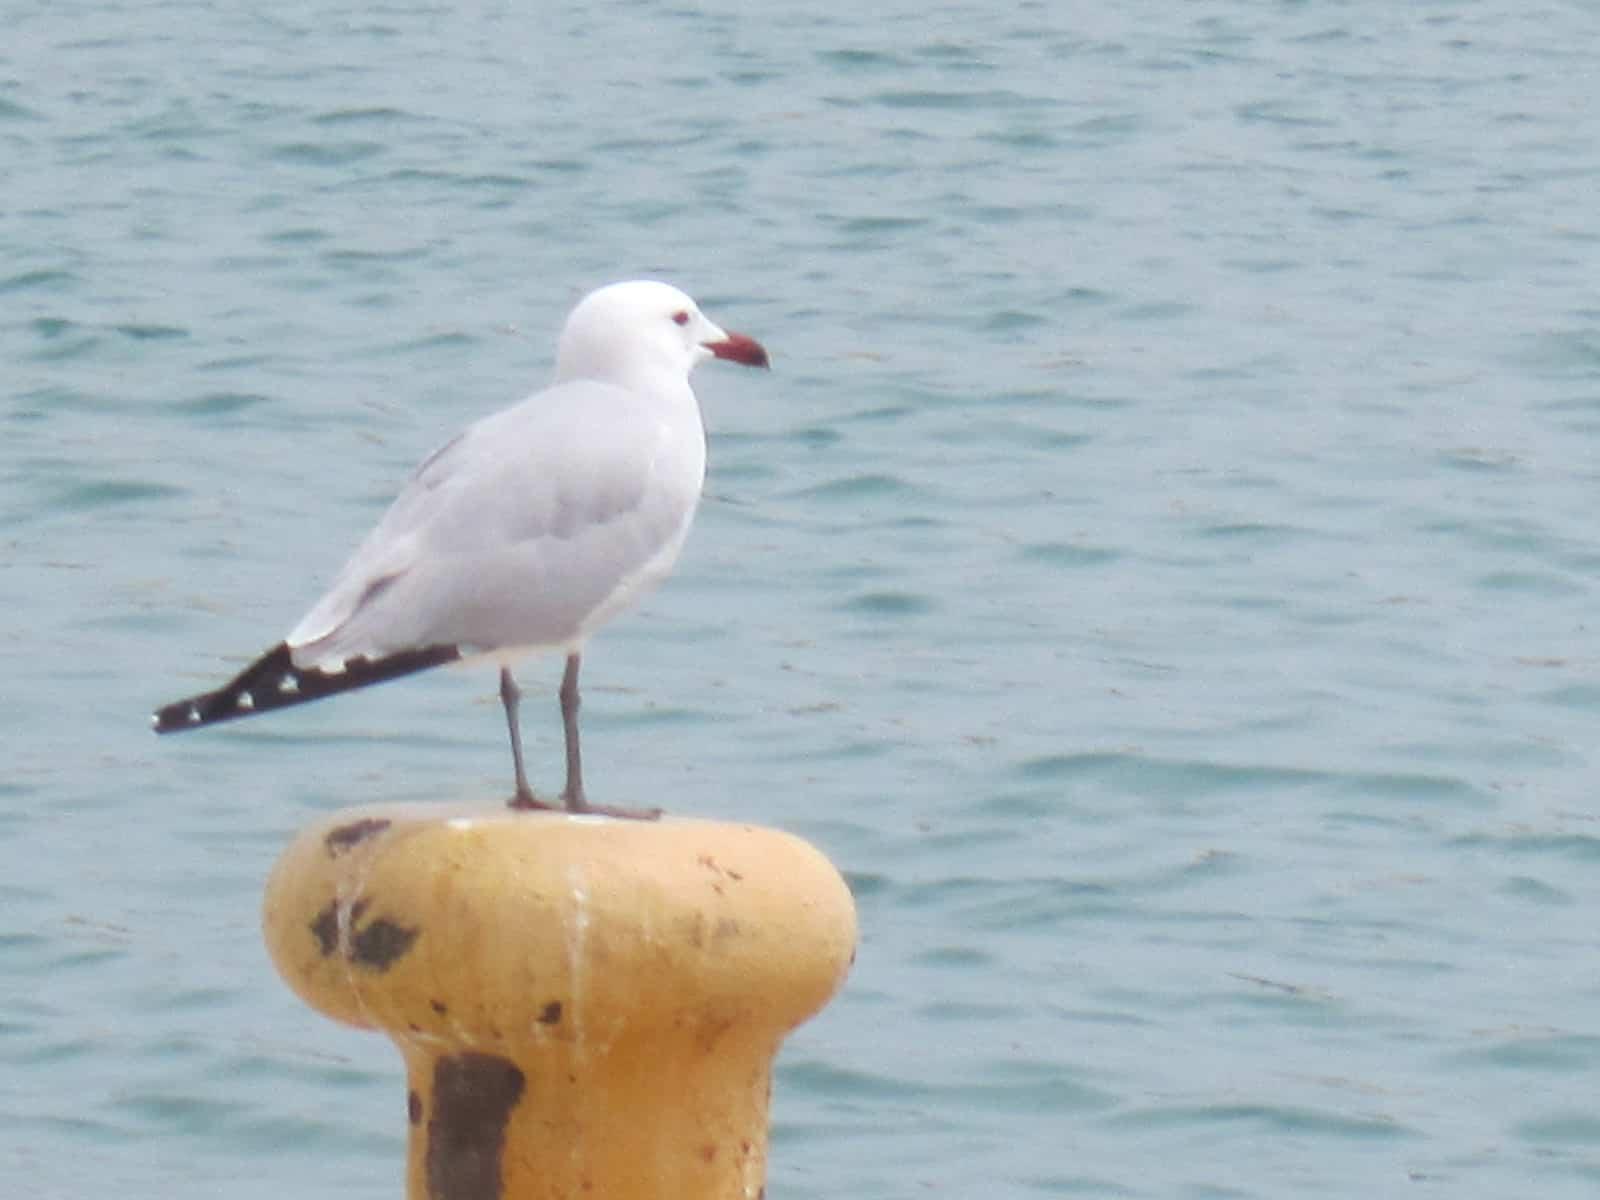 VISITA AL PARQUE P.DEL MAR,12-5-2012 075 - copia